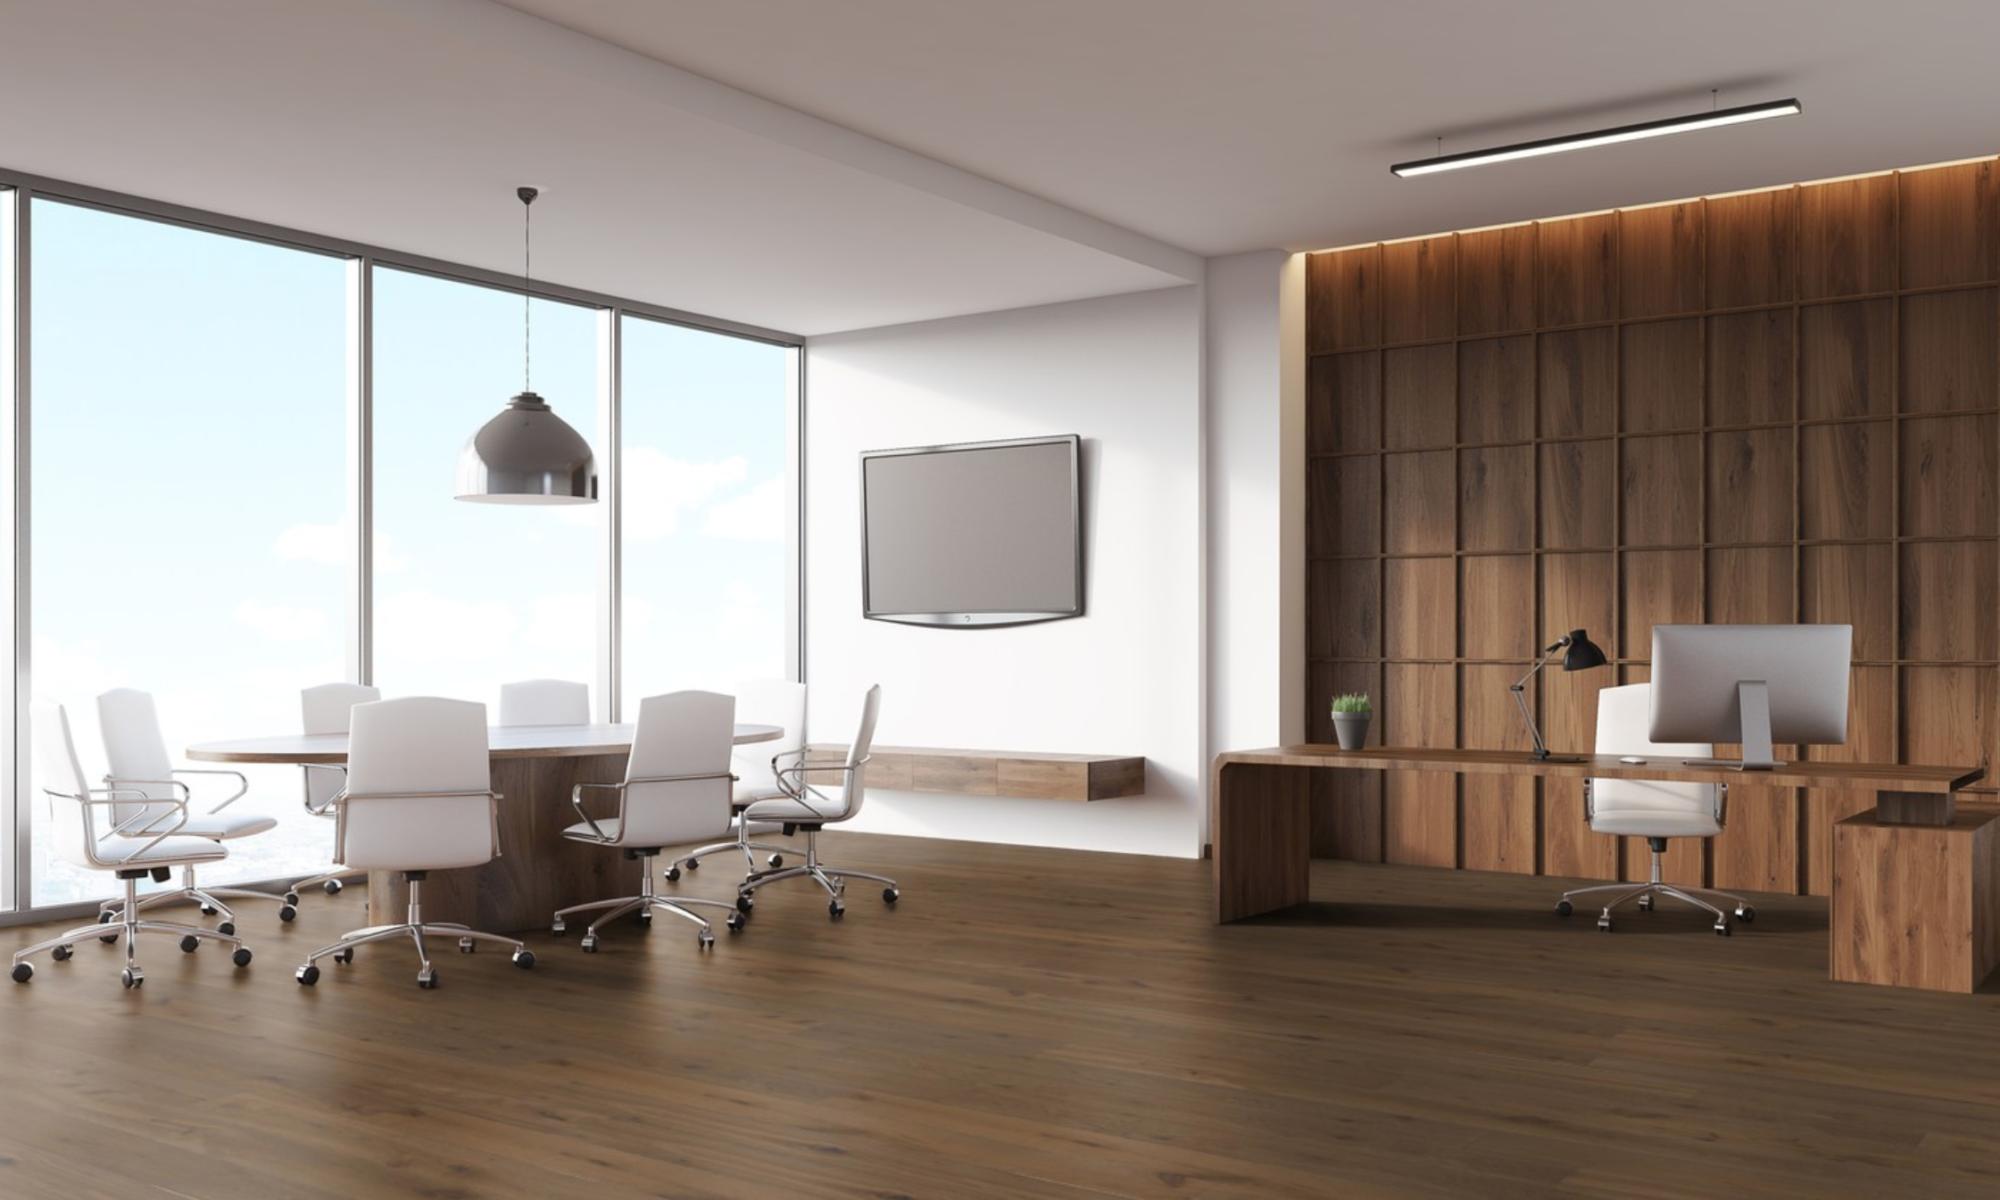 Raesz Custom Floors and Lighting